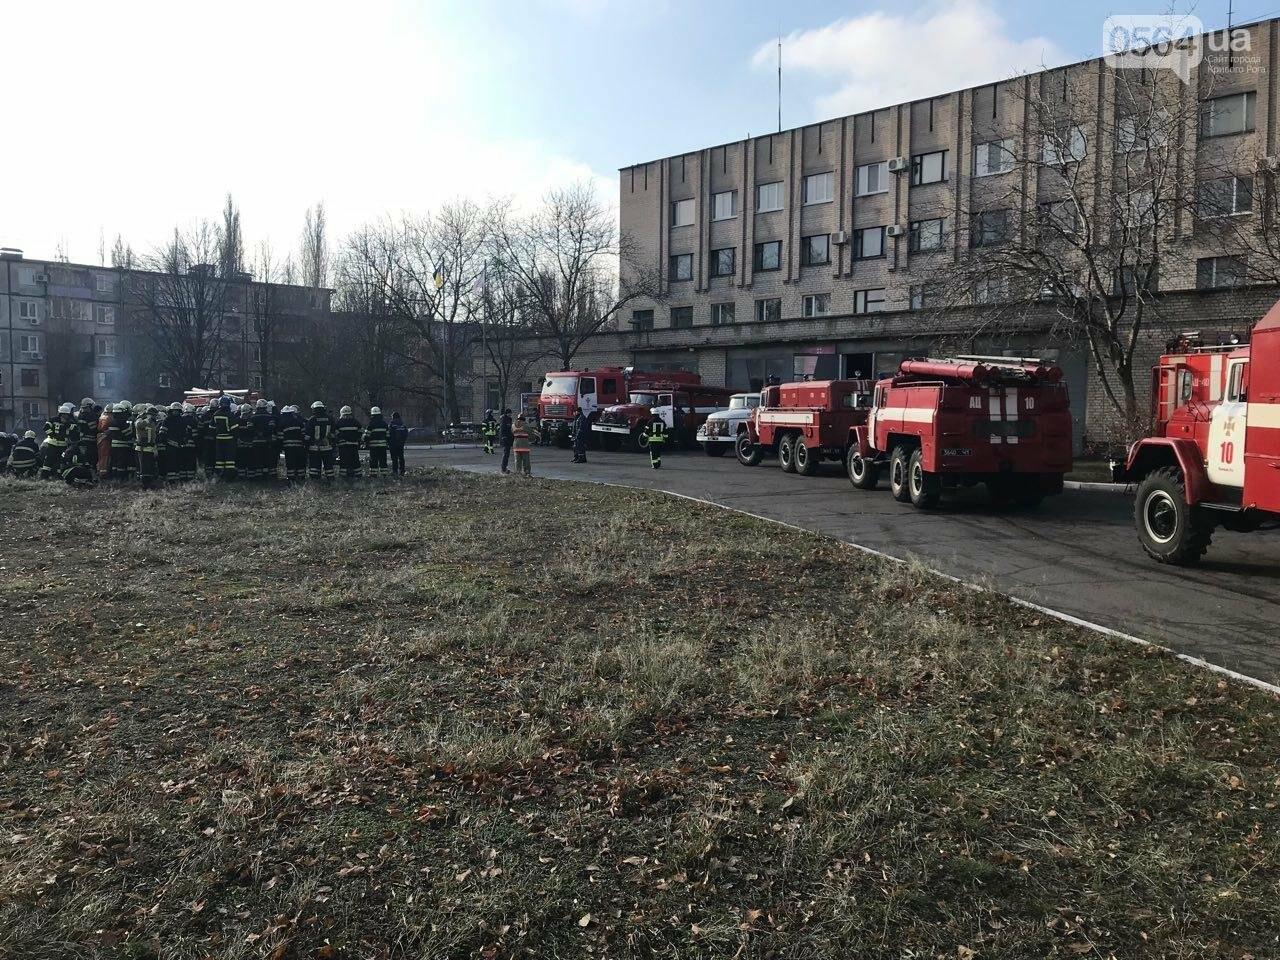 Криворожские спасатели повышали оперативное мастерство на сложных пожарах, - ФОТО , фото-6